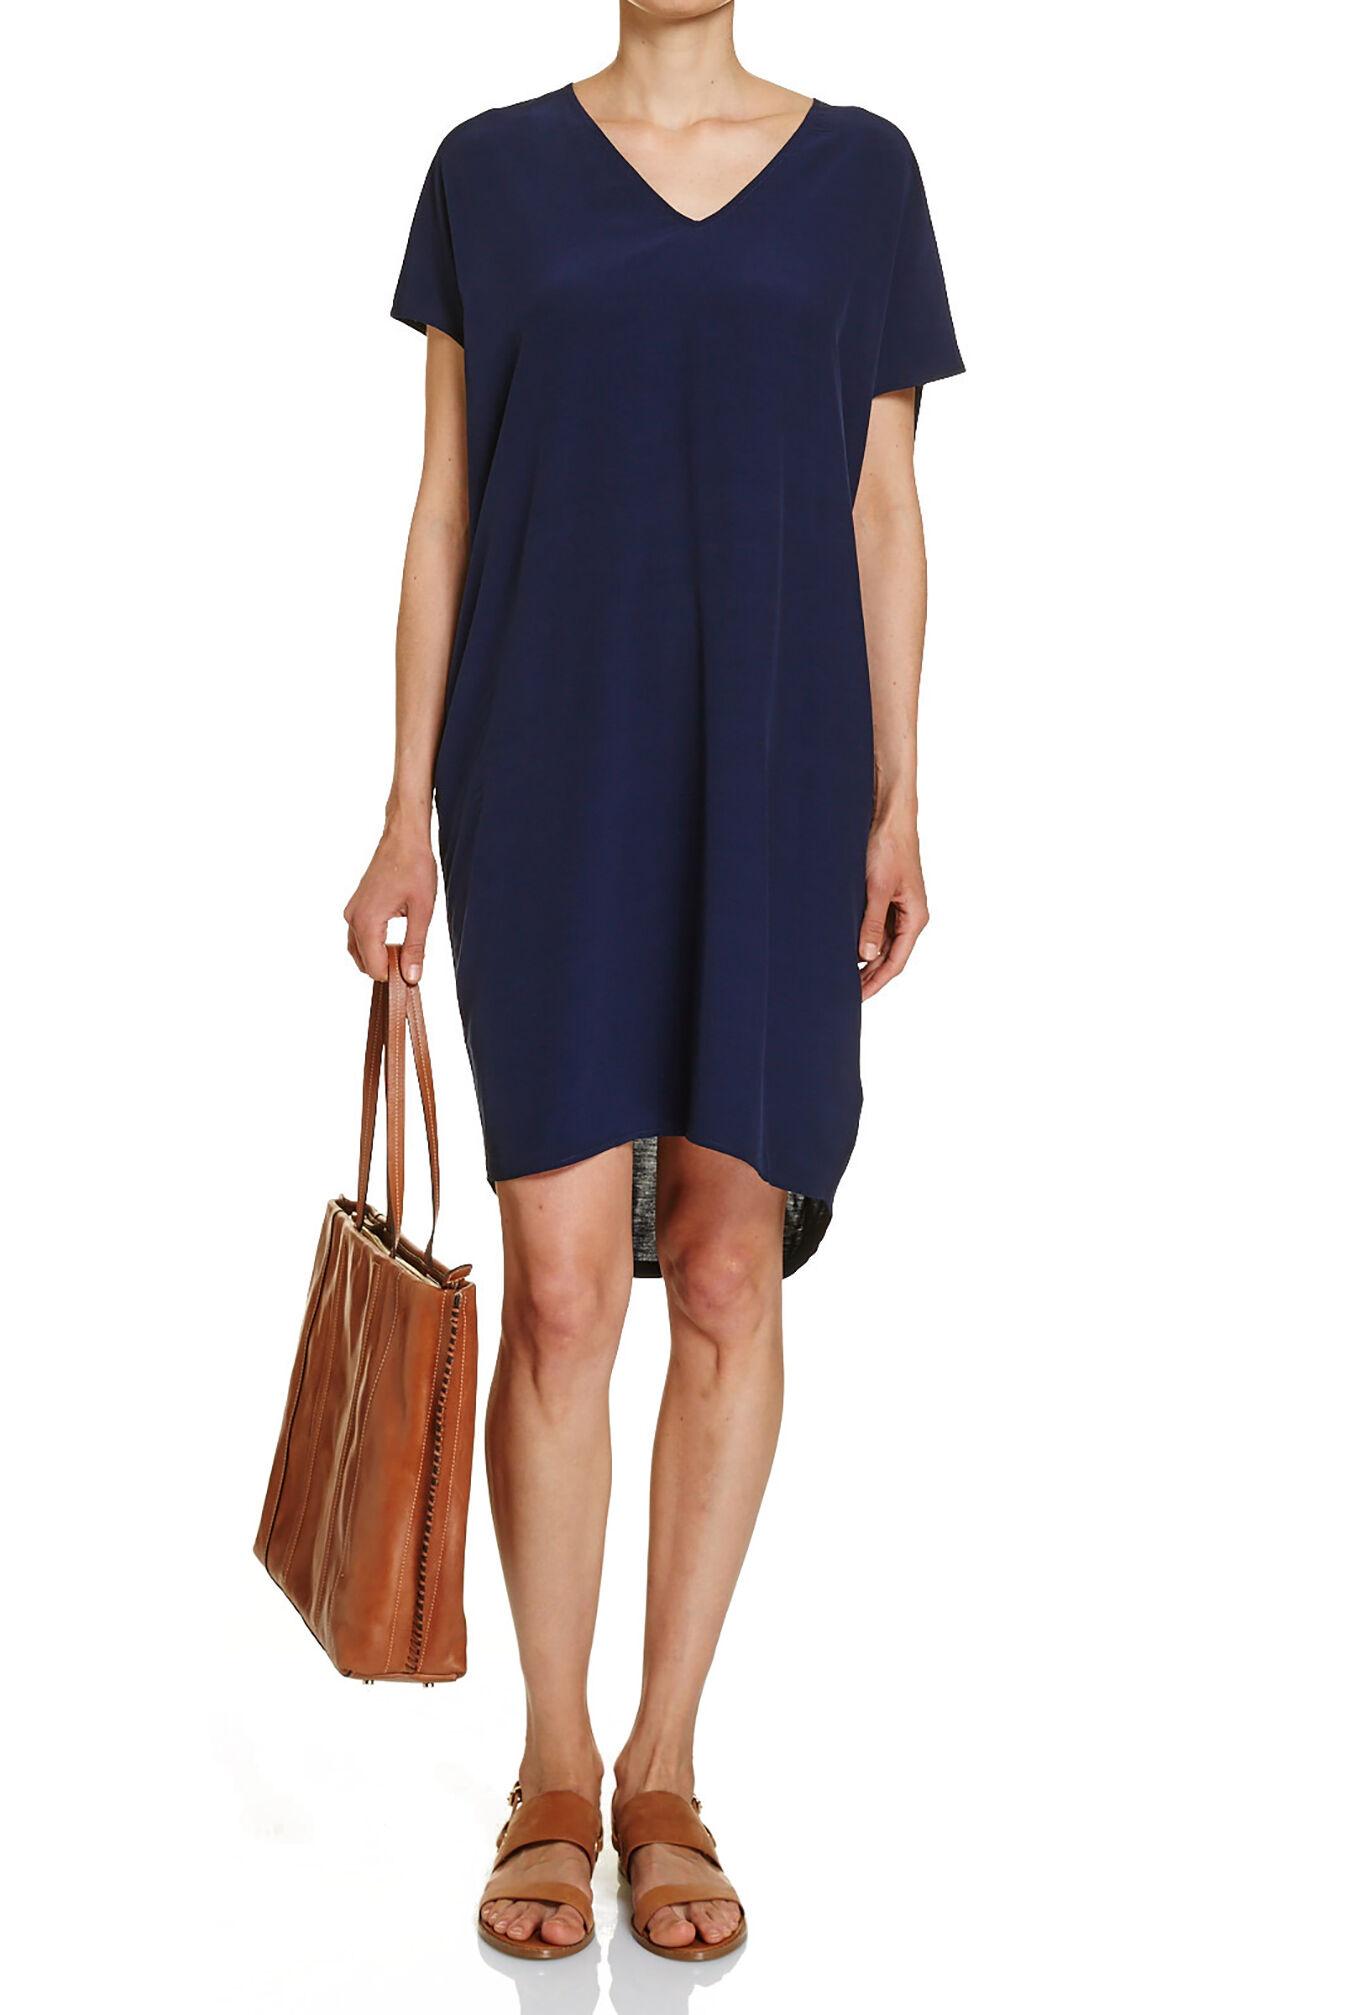 new saba womens mixed media dress dresses ebay